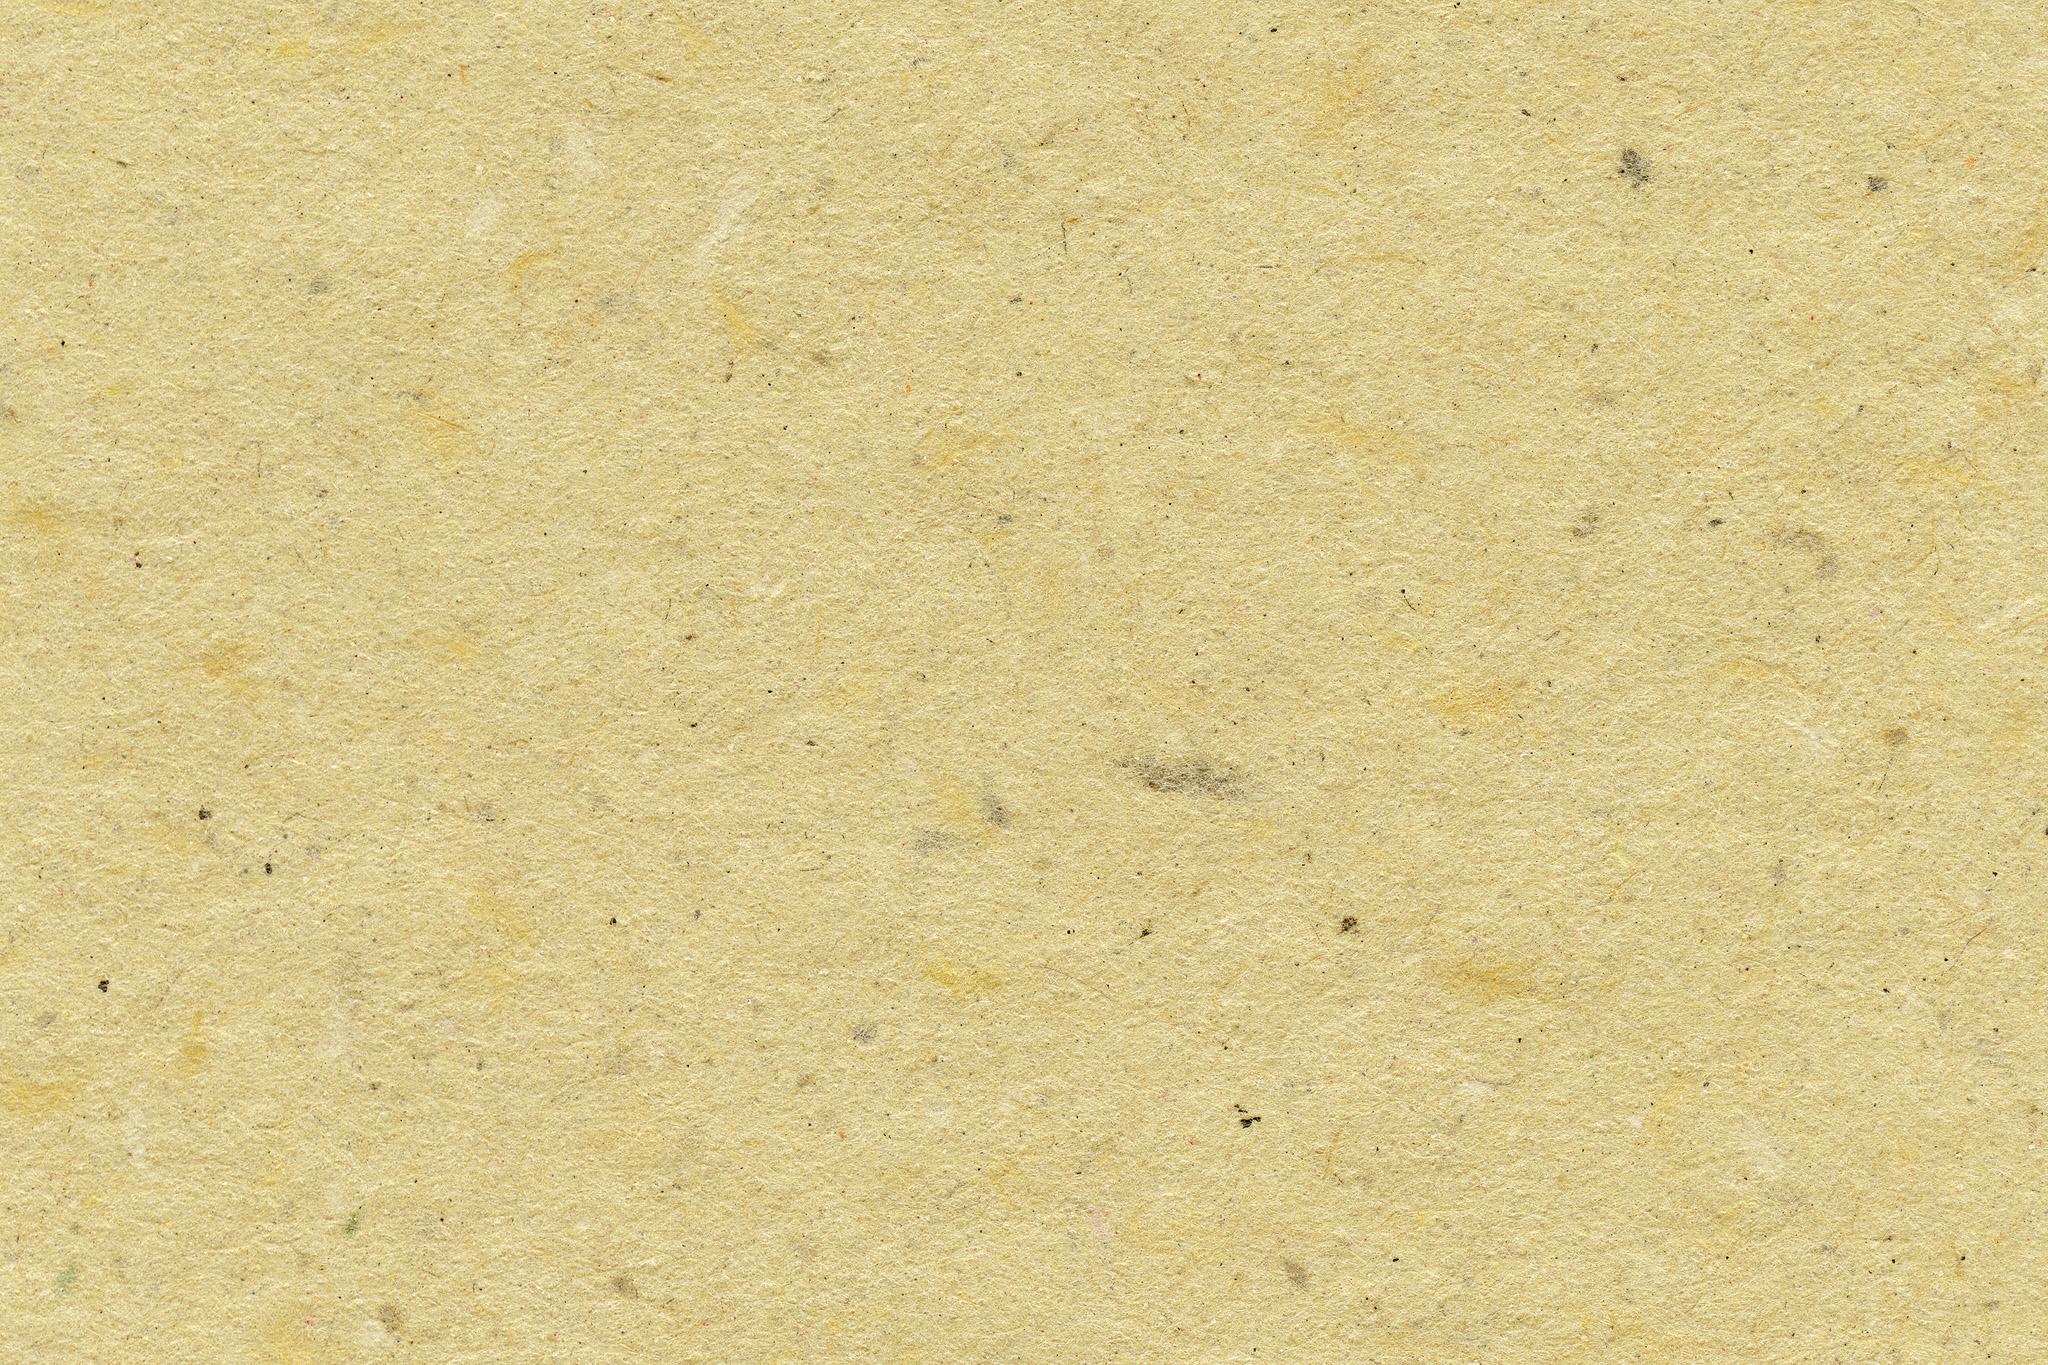 「ザラザラとした麦藁色の山根和紙」の画像を無料ダウンロード